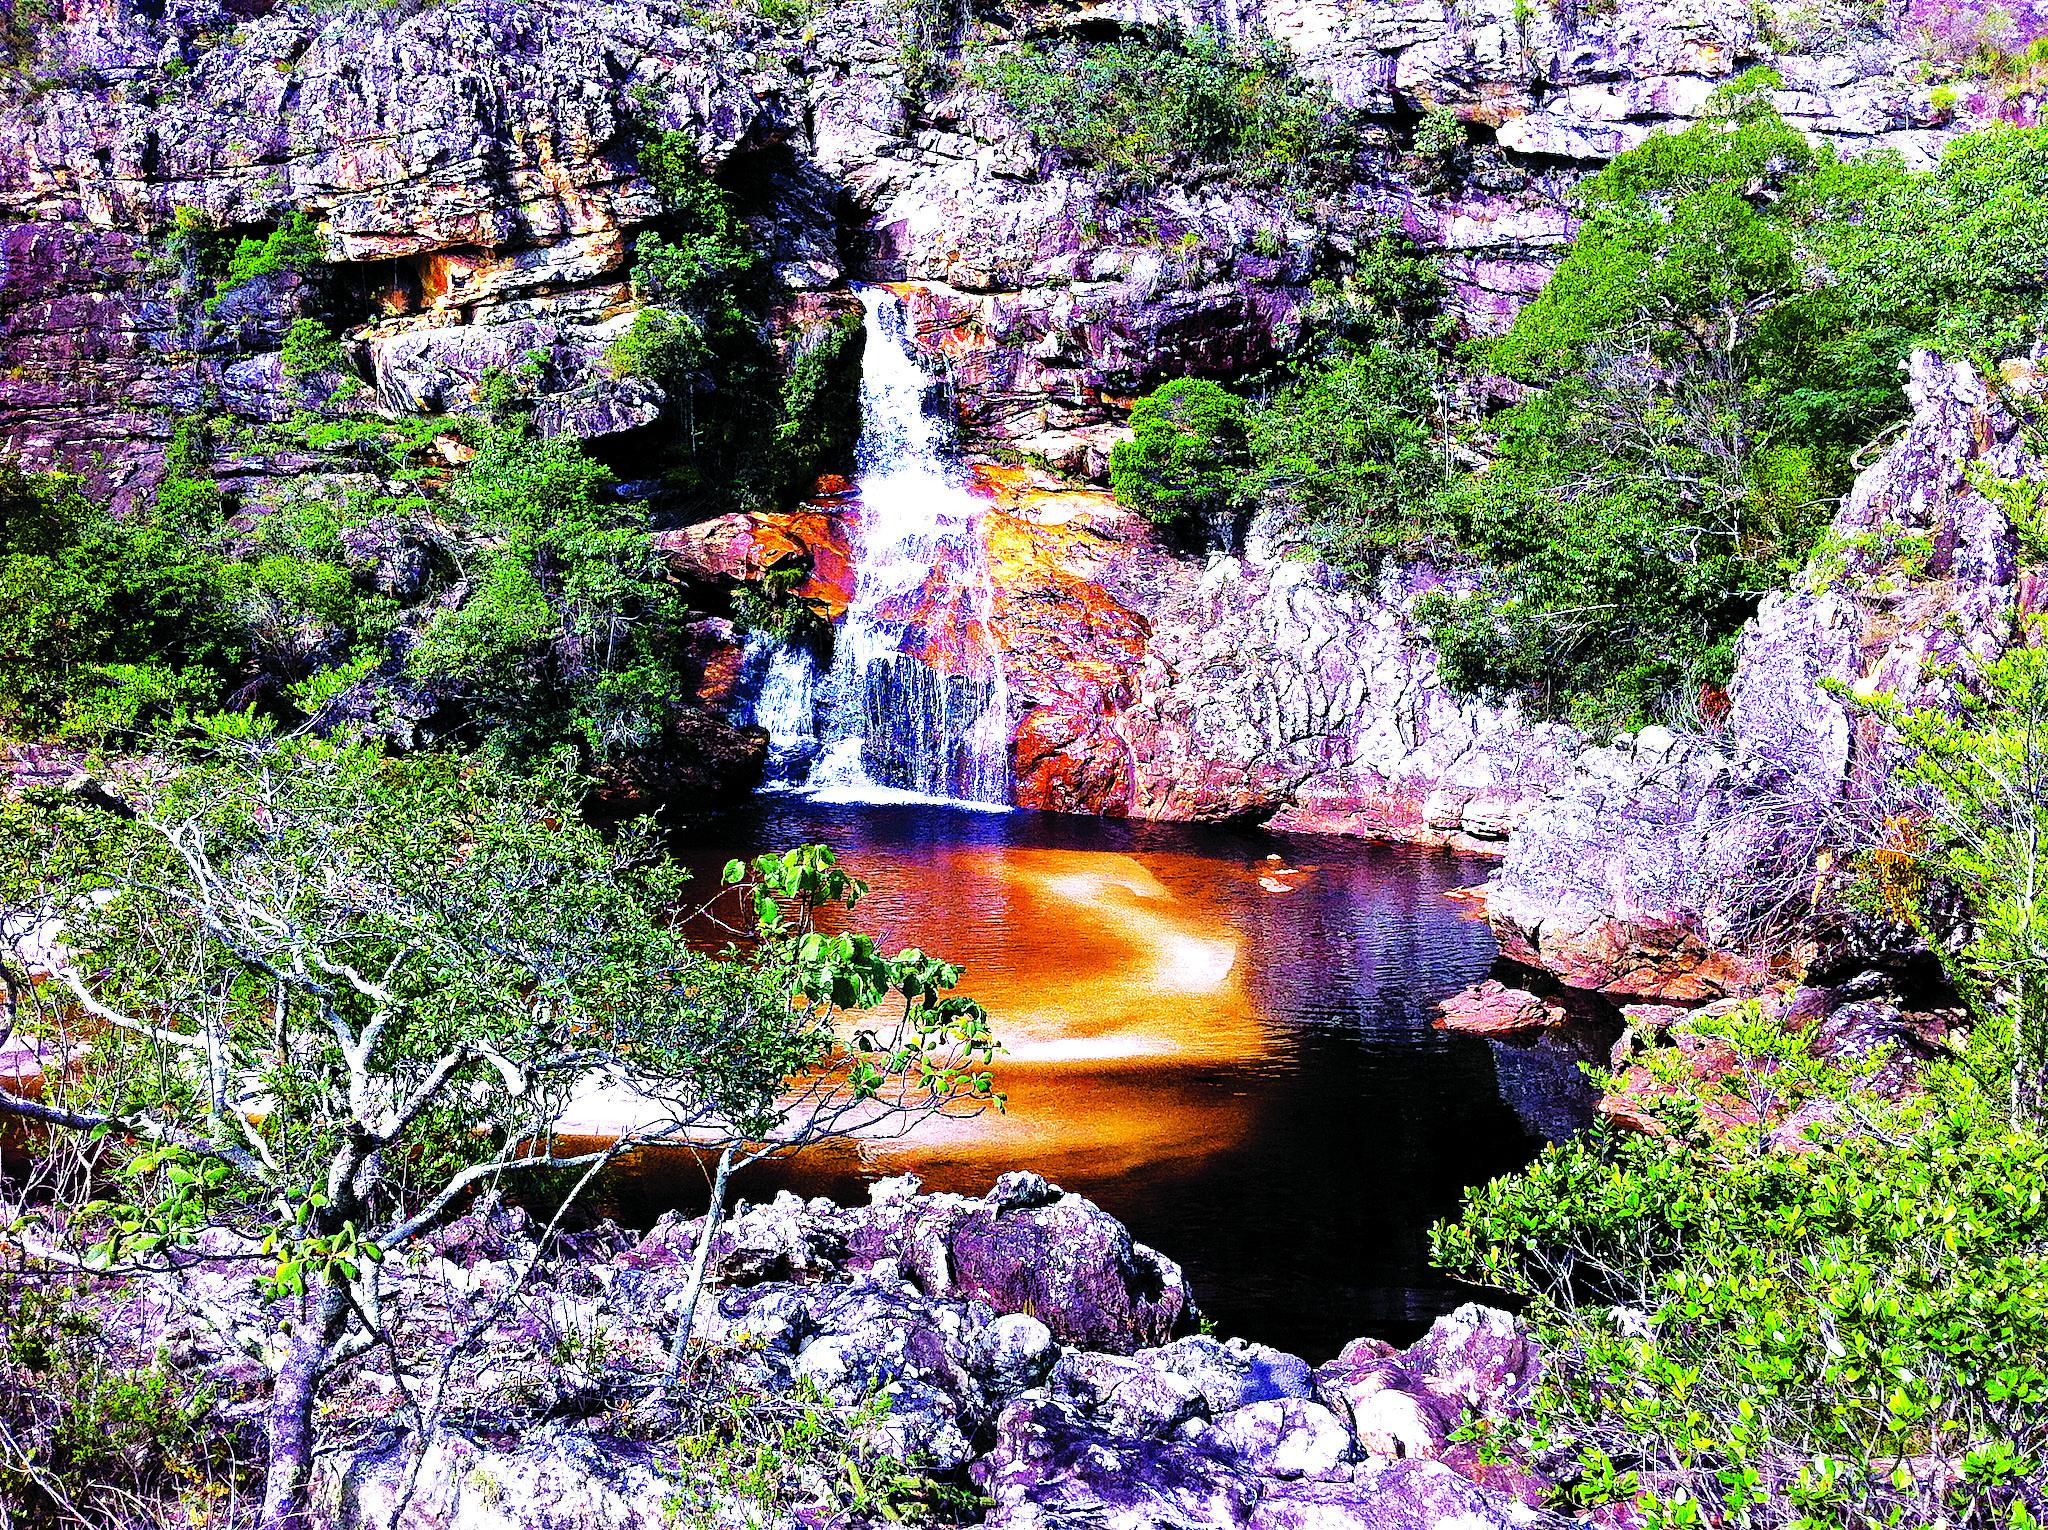 Uma das cachoeiras no caminho entre Milho Verde e São Gonçalo do Rio das Pedras